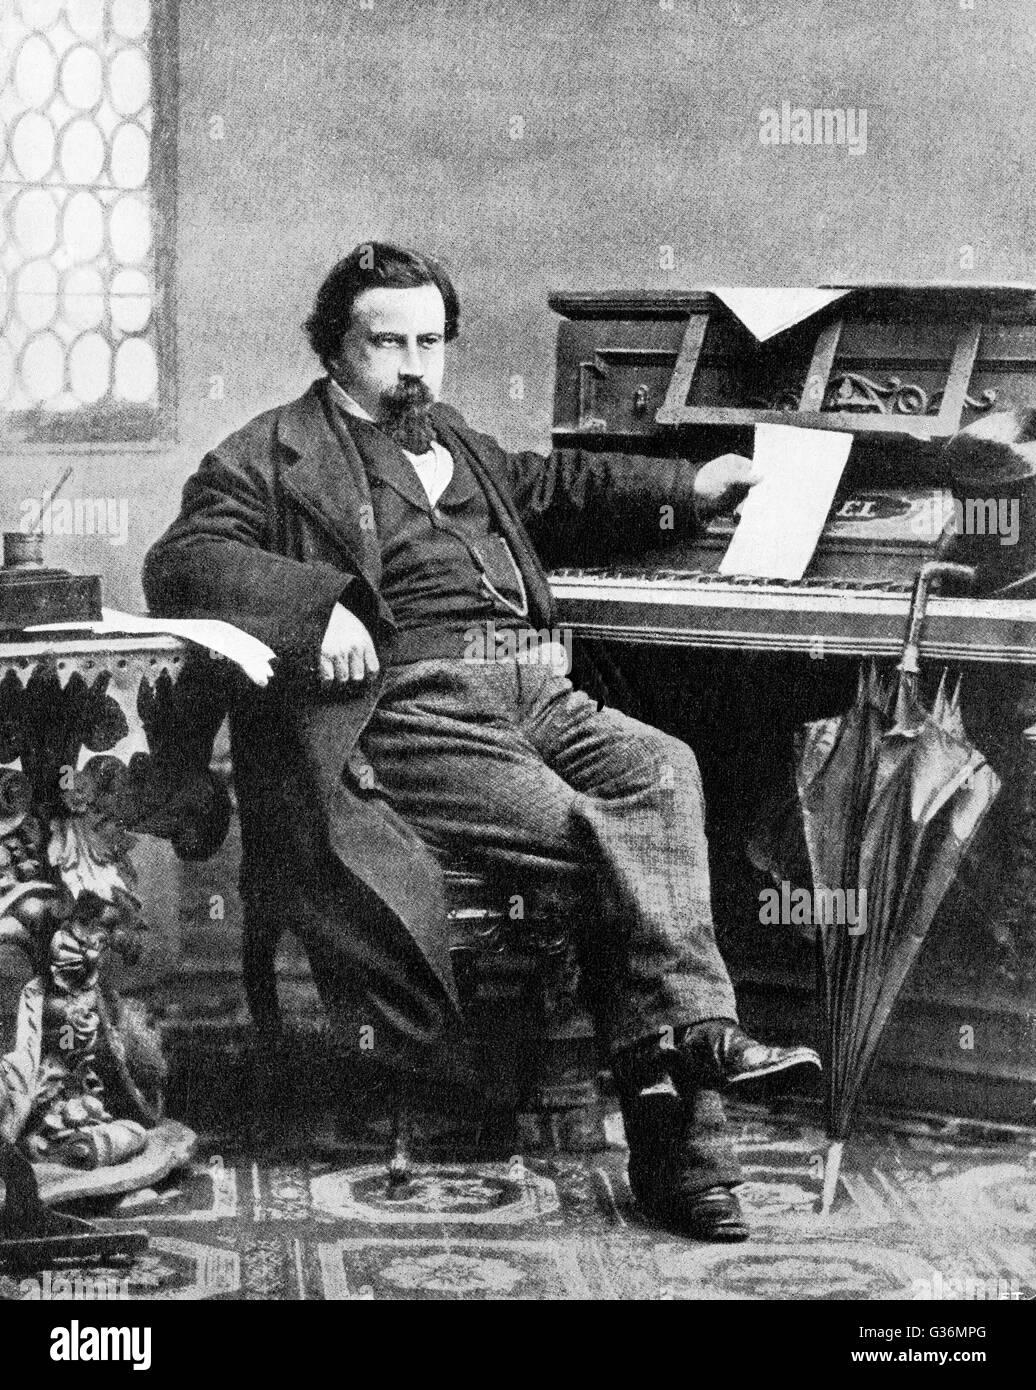 Amilcare Ponchielli (1834-1886) Italian composer - Stock Image